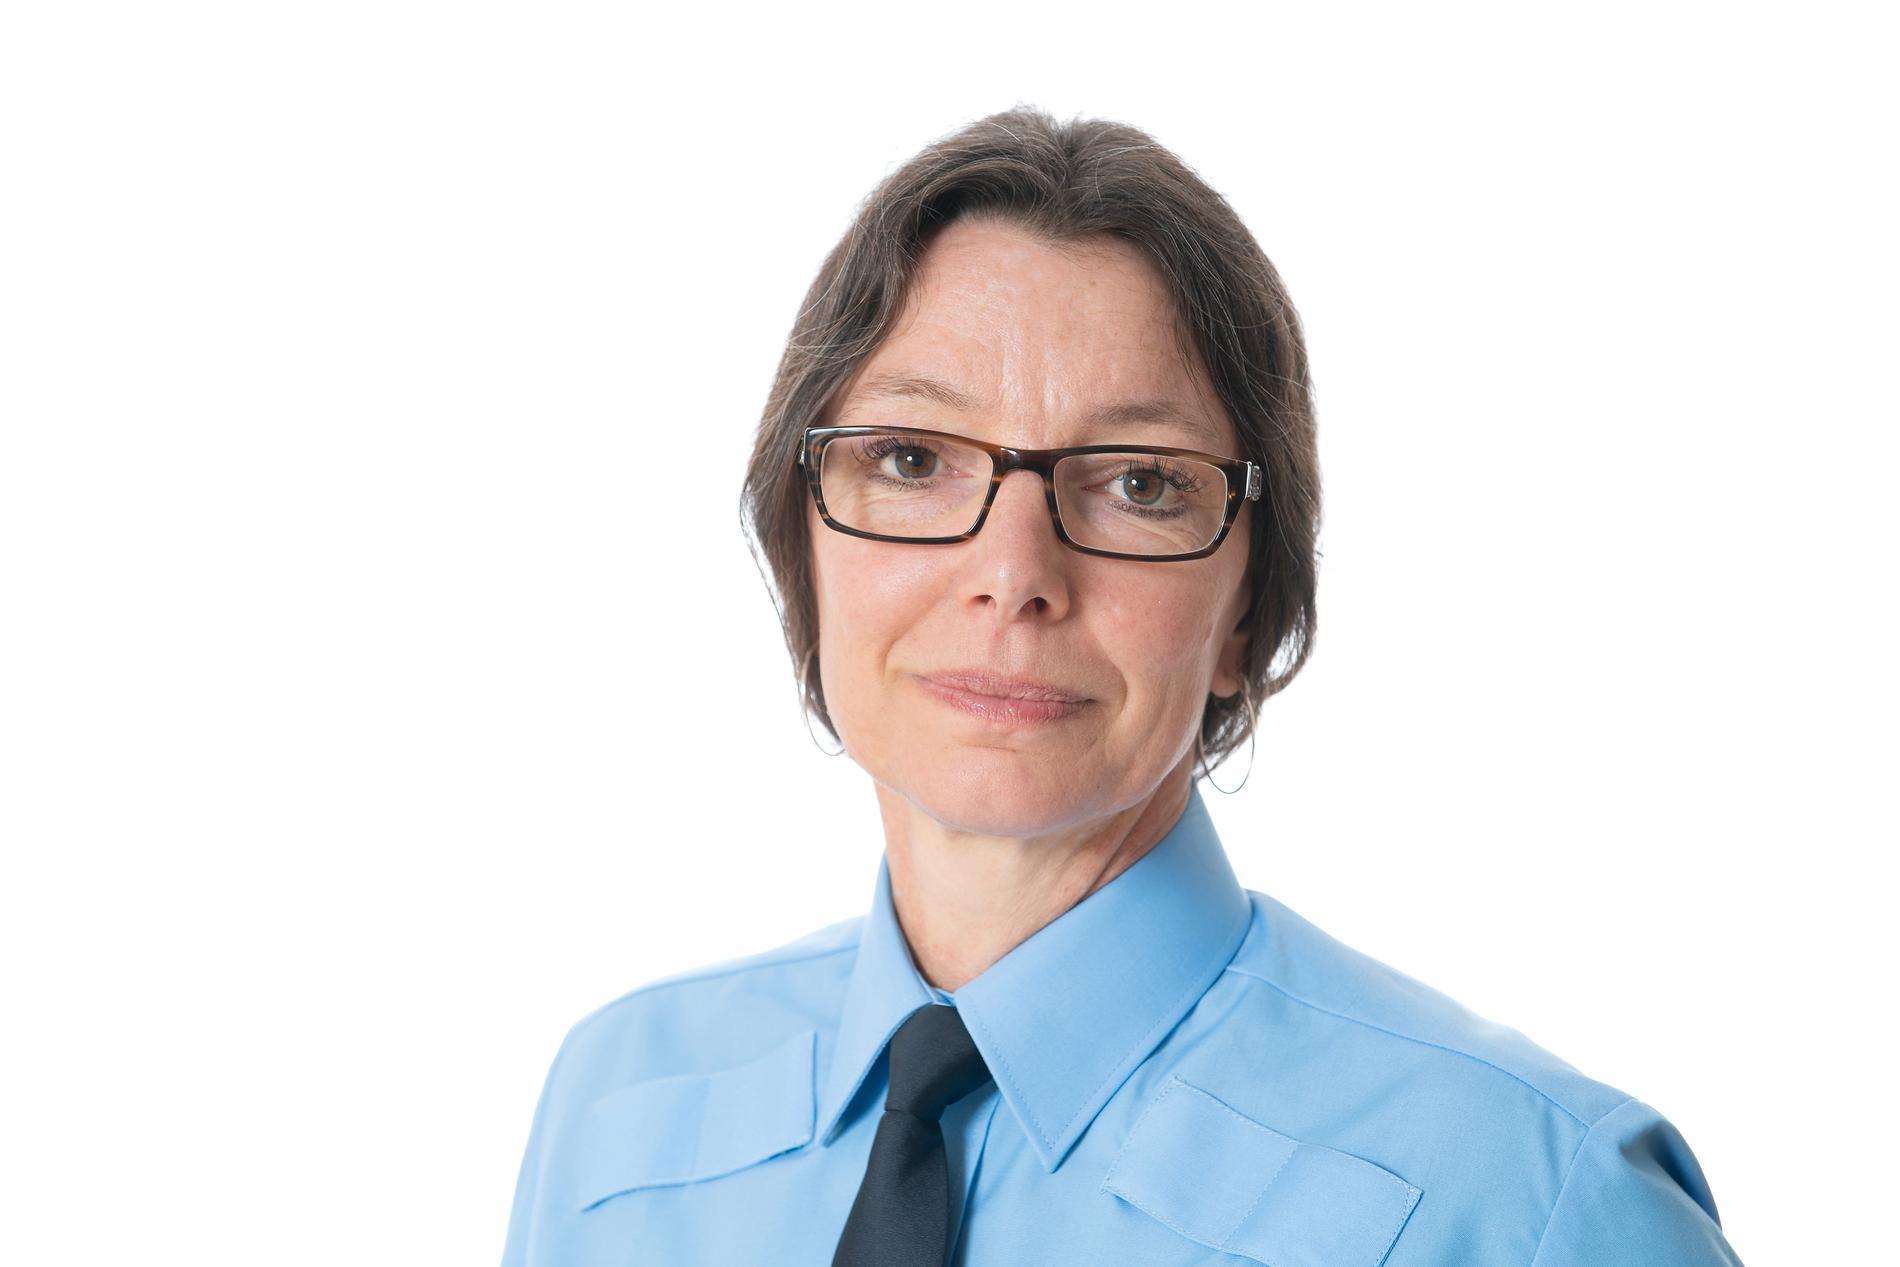 Monica Bergström, polisens presstalesperson, har aldrig tagit emot en liknande anmälan förut.